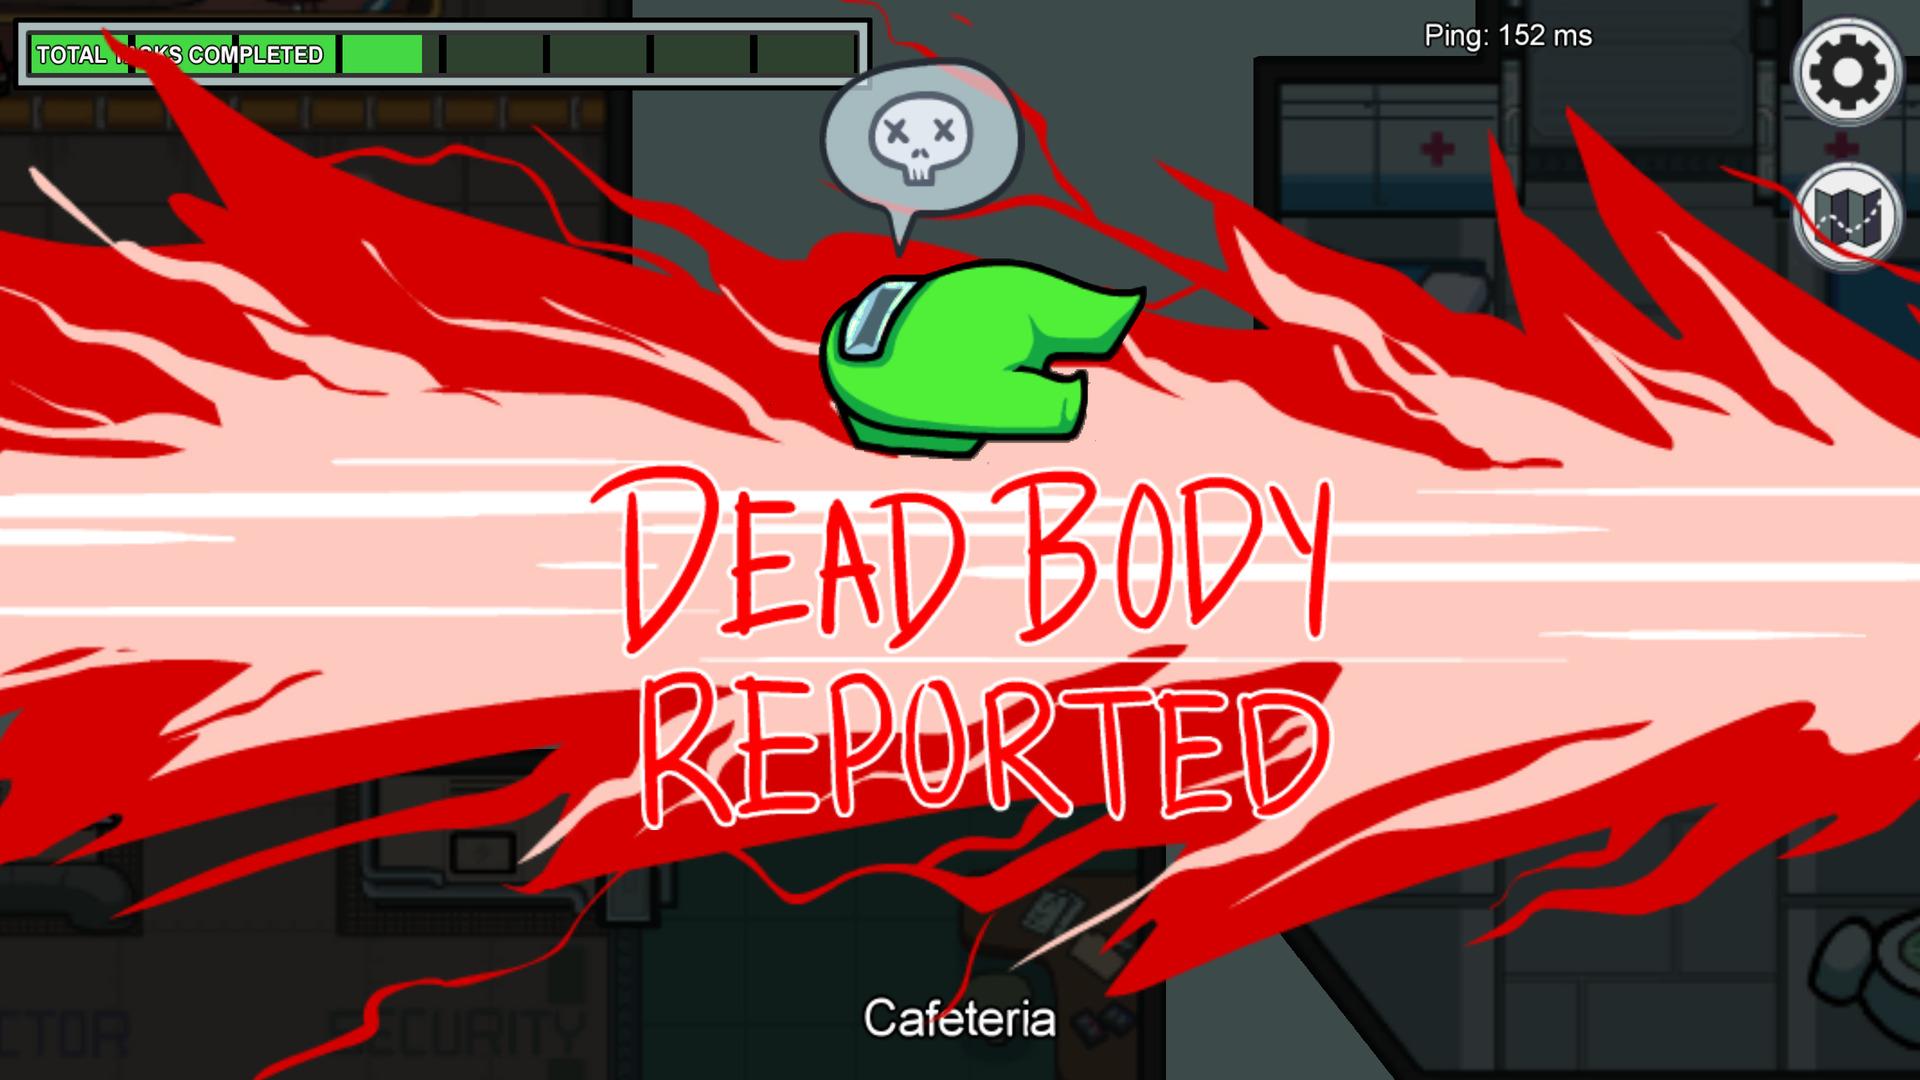 Un écran signale qu'un cadavre a été trouvé par un des membres et que l'on quitte la phase d'action pour passer à celle de discussion